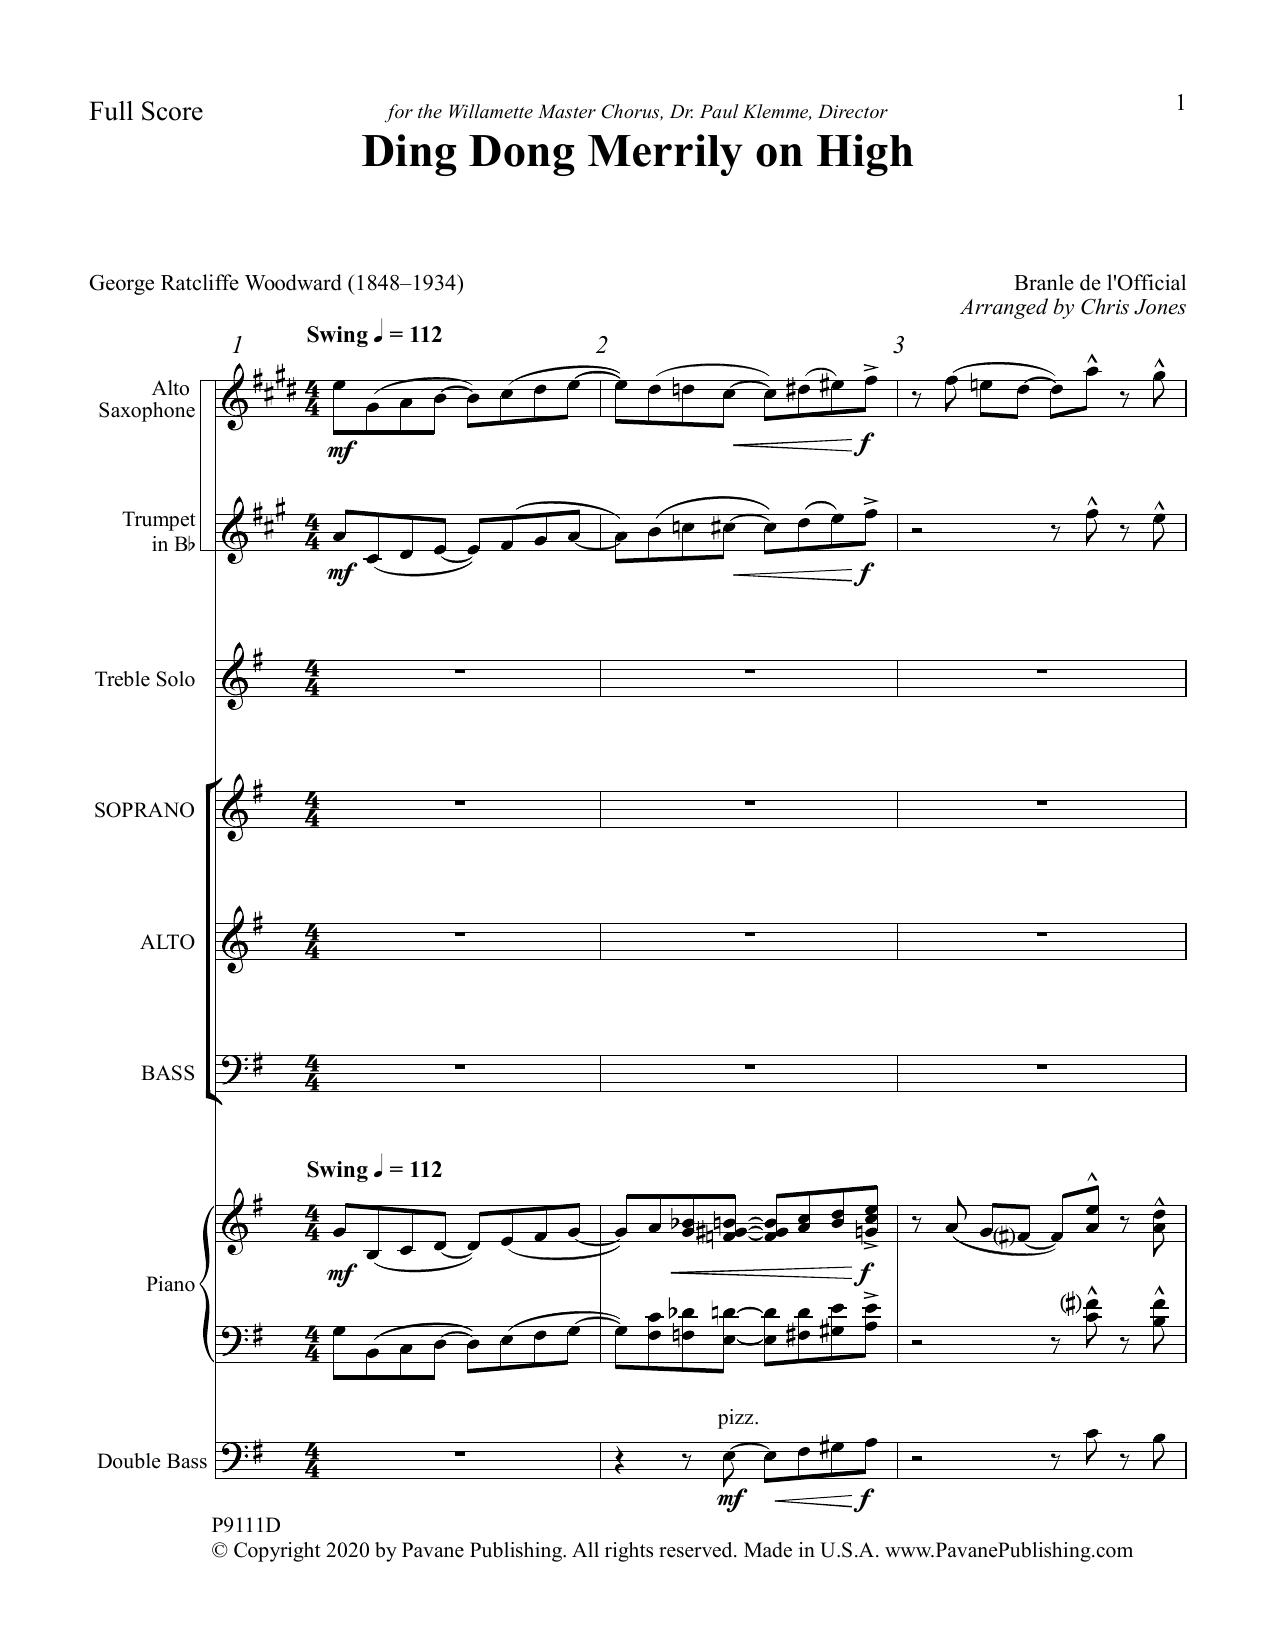 Ding Dong Merrily on High (arr. Chris Jones) - Full Score Sheet Music